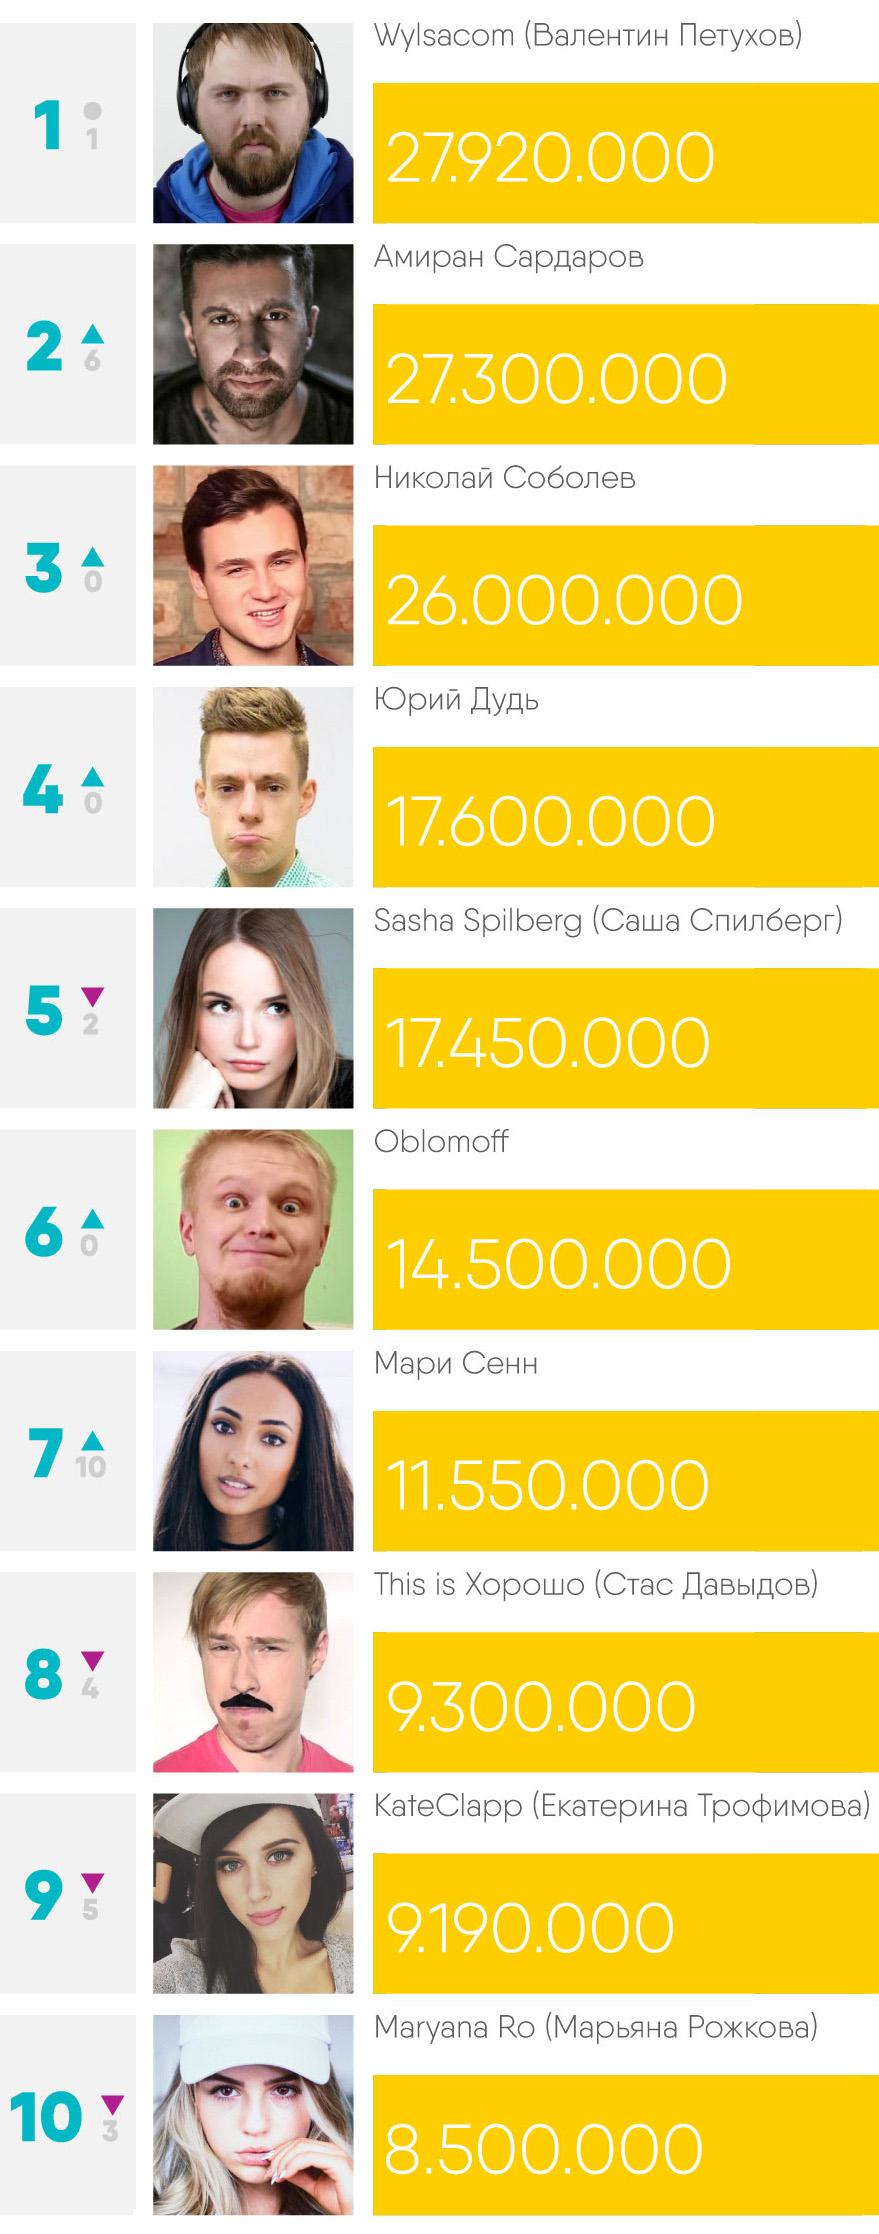 Сколько зарабатывают видеоблогеры